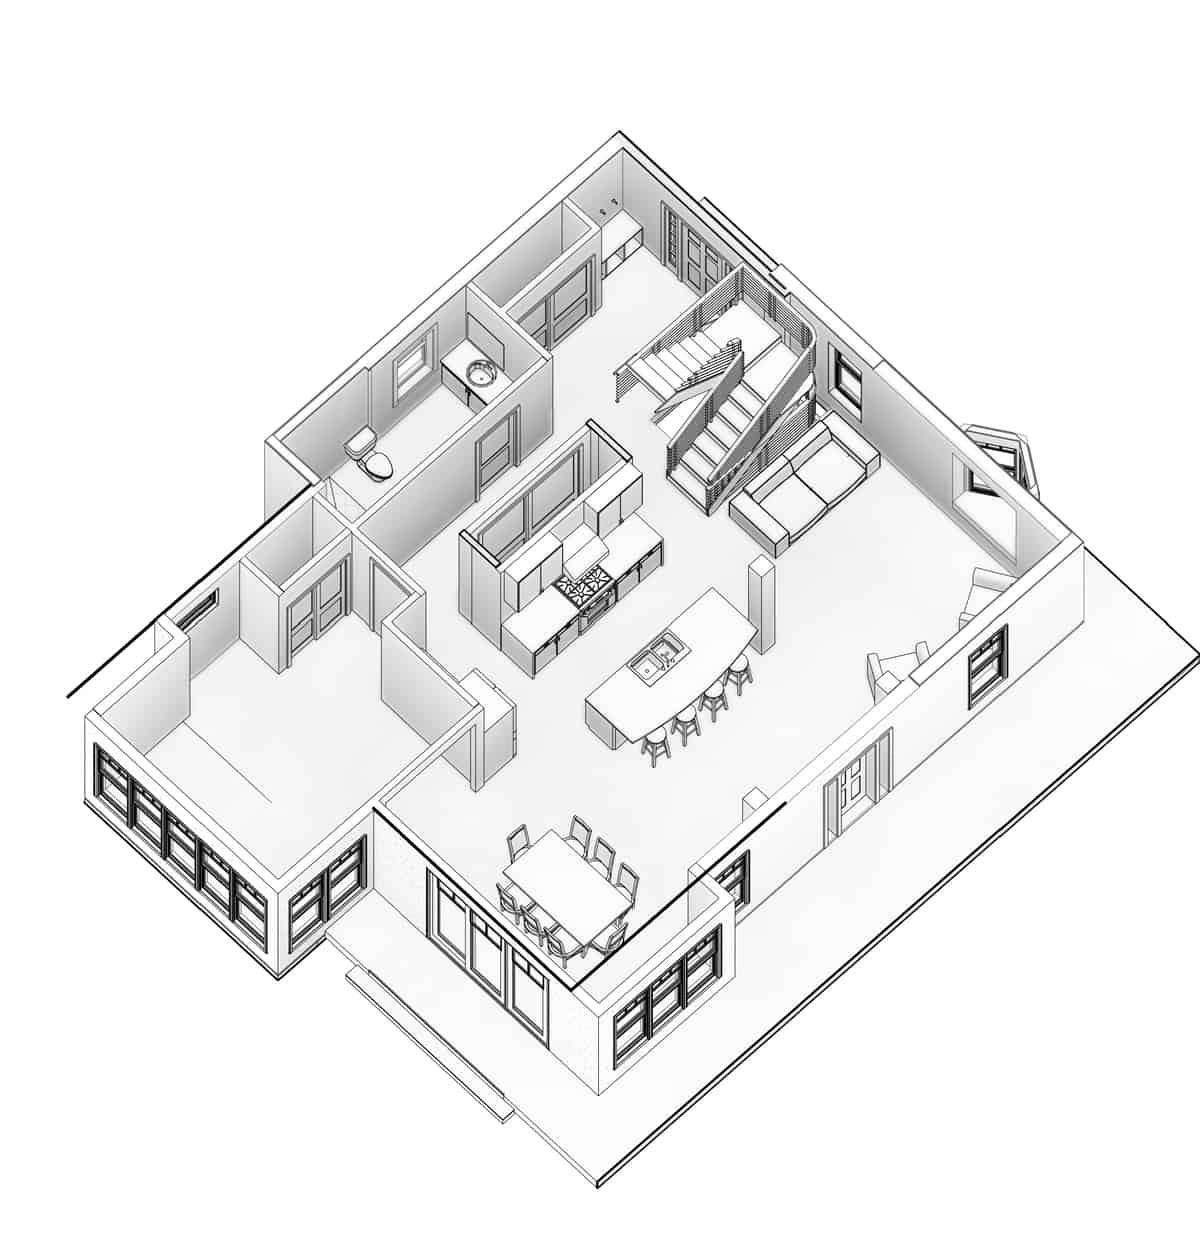 Boulder Historical Home Remodel - Interior Floor Plan